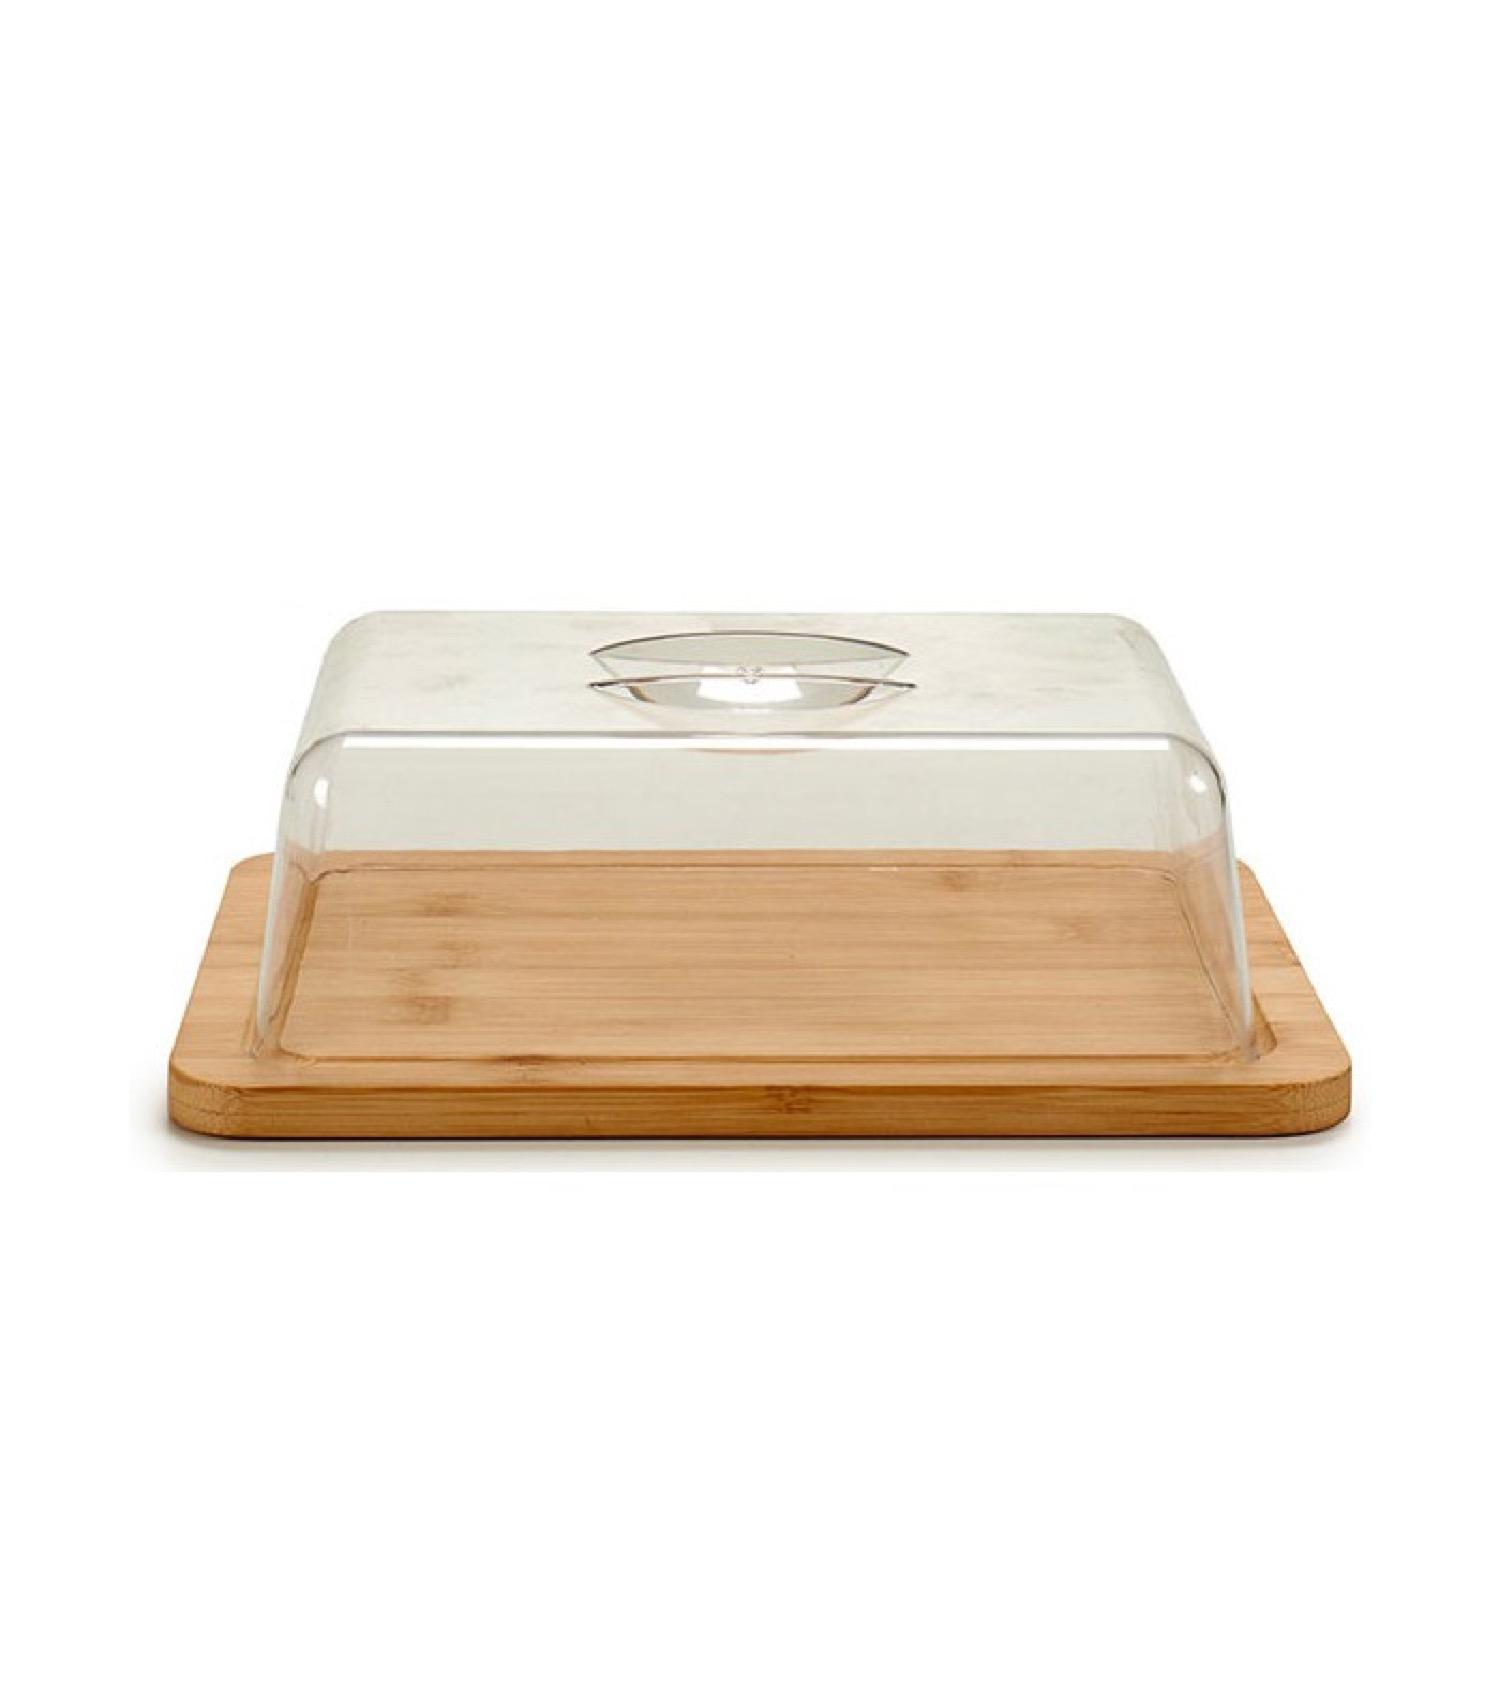 Plateau fromage bambou rectangulaire et cloche acrylique